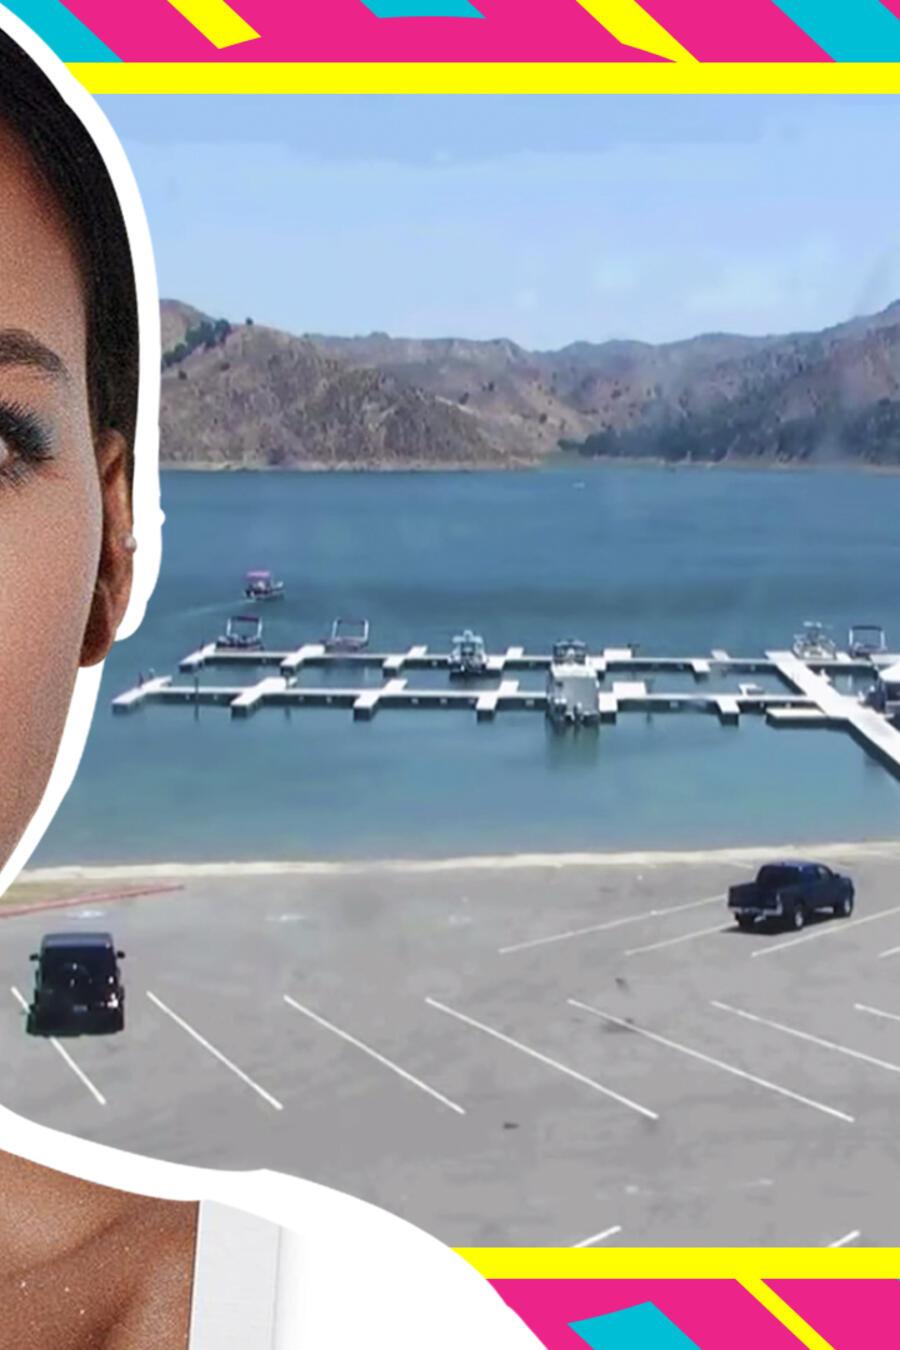 Naya Rivera videoprevio desaparición